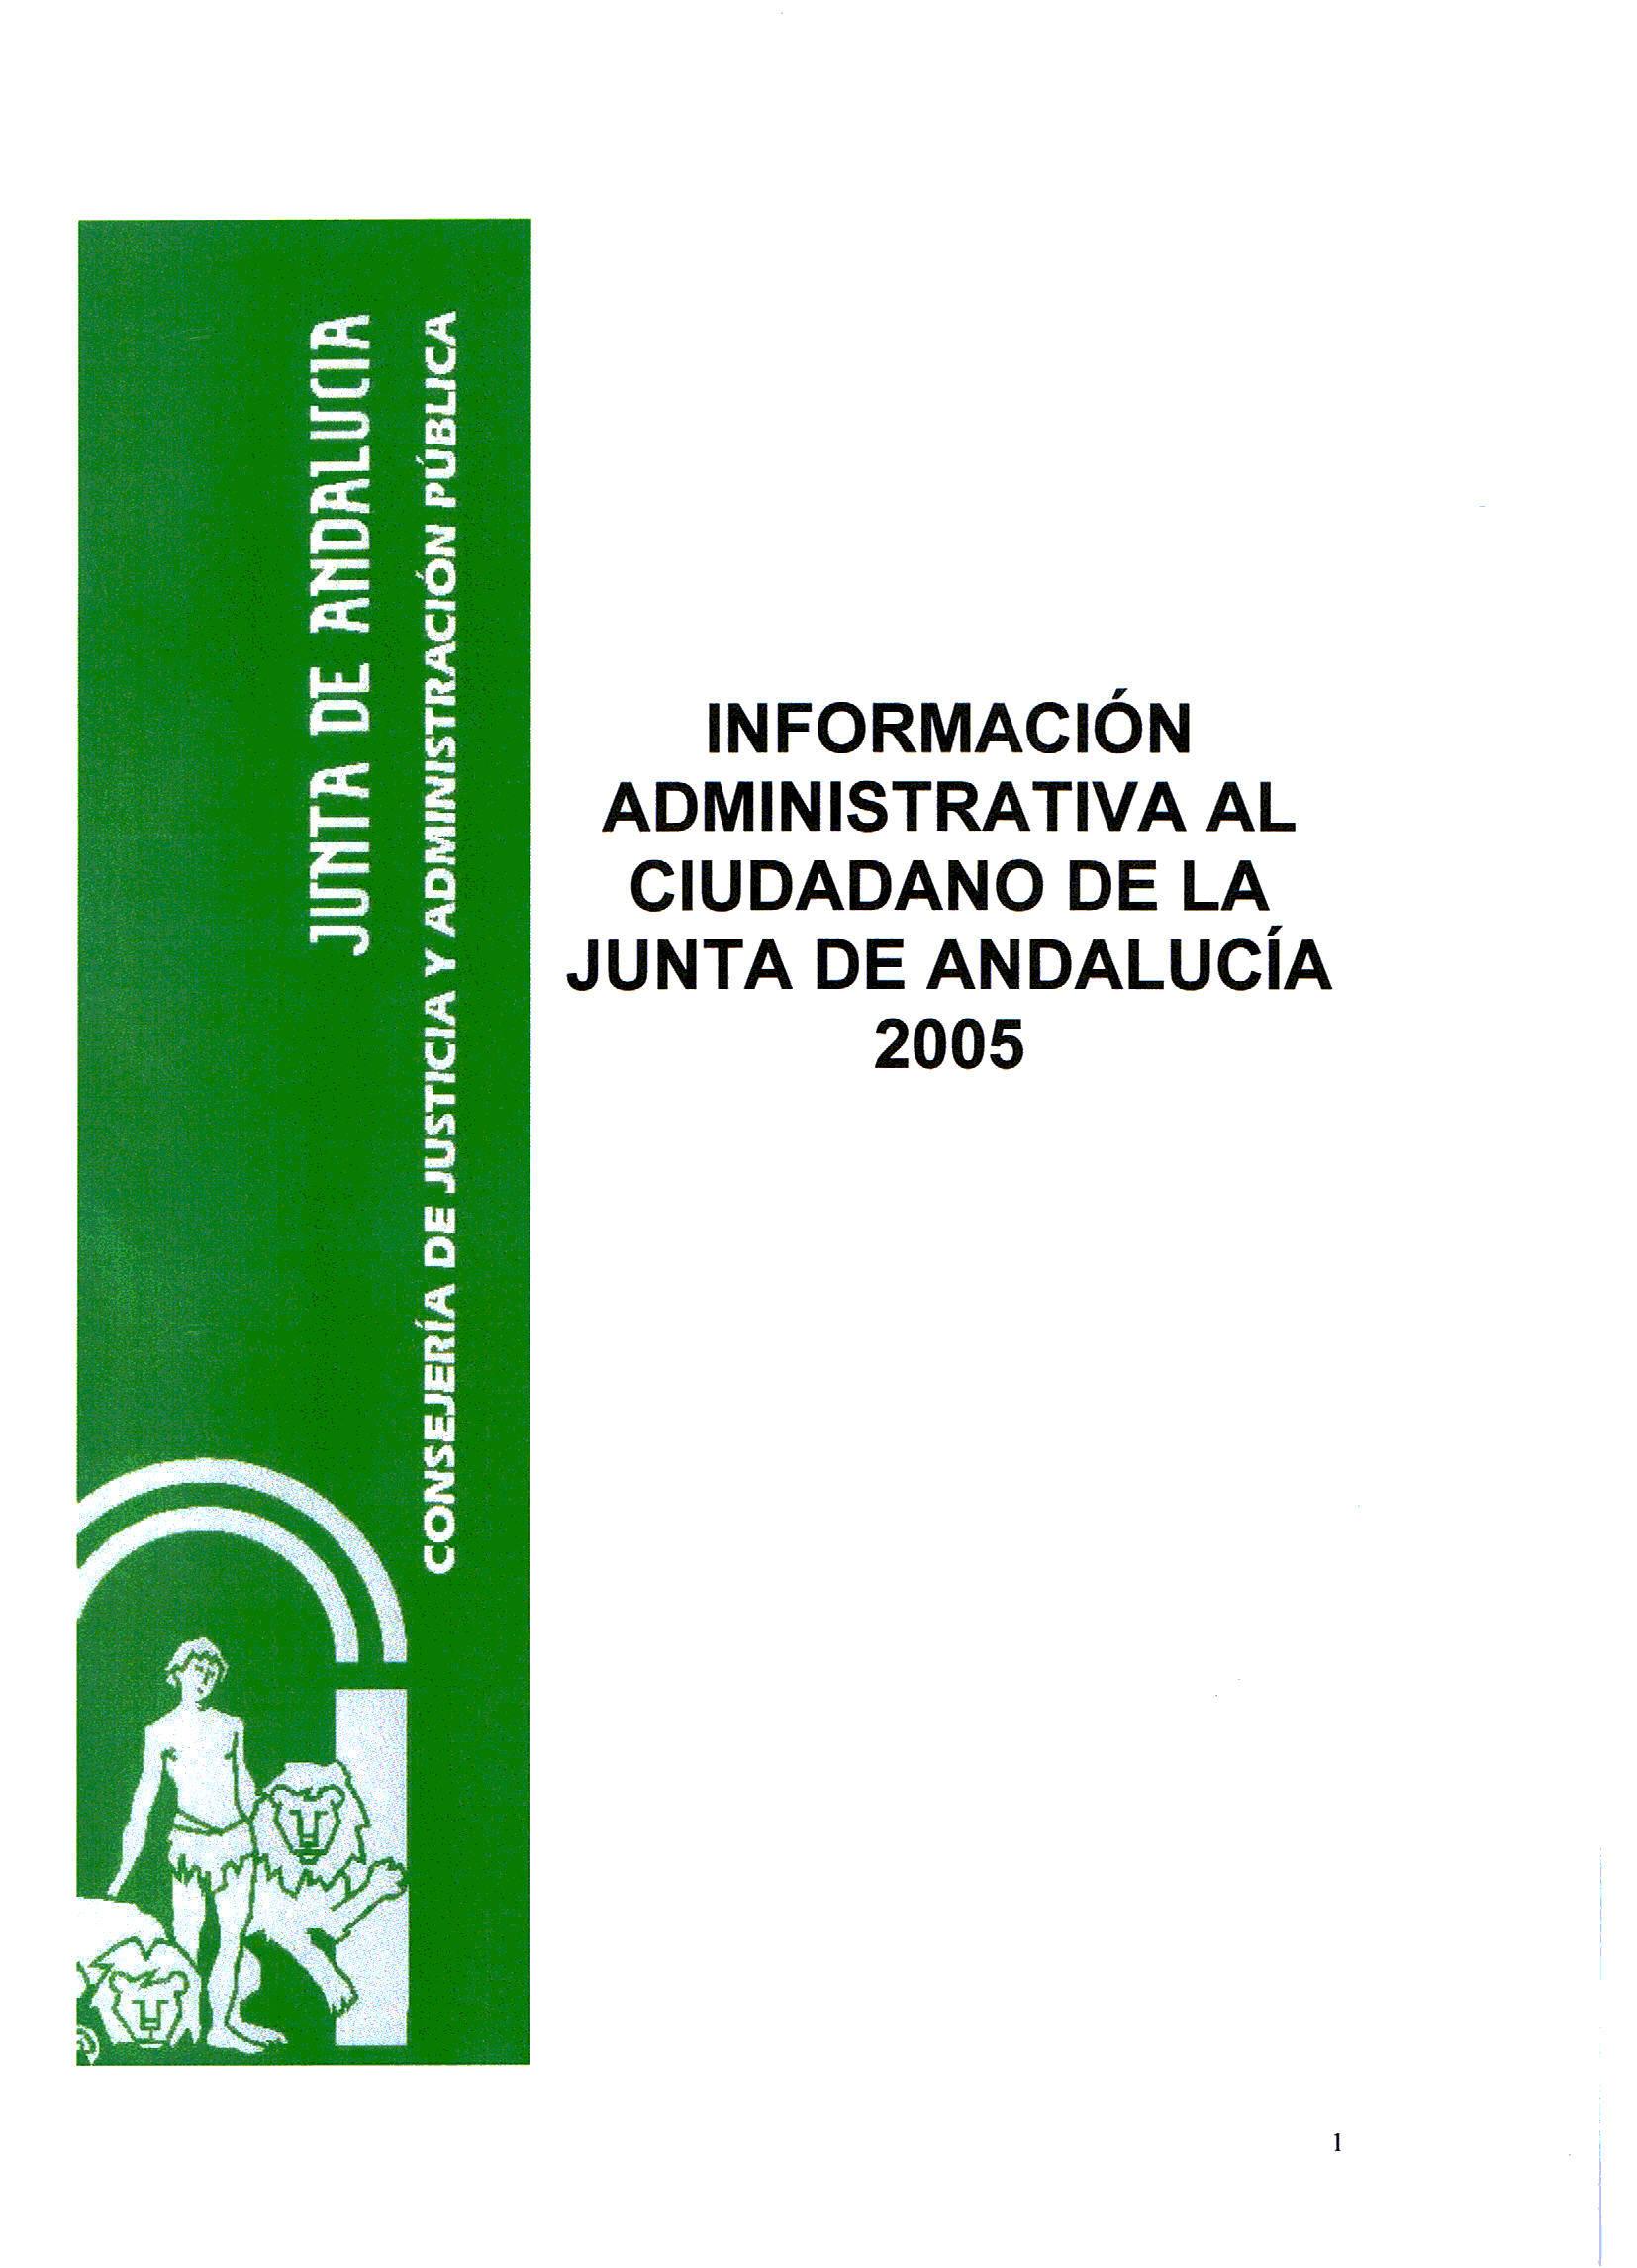 Junta de andaluc a informaci n administrativa al for Oficina junta de andalucia